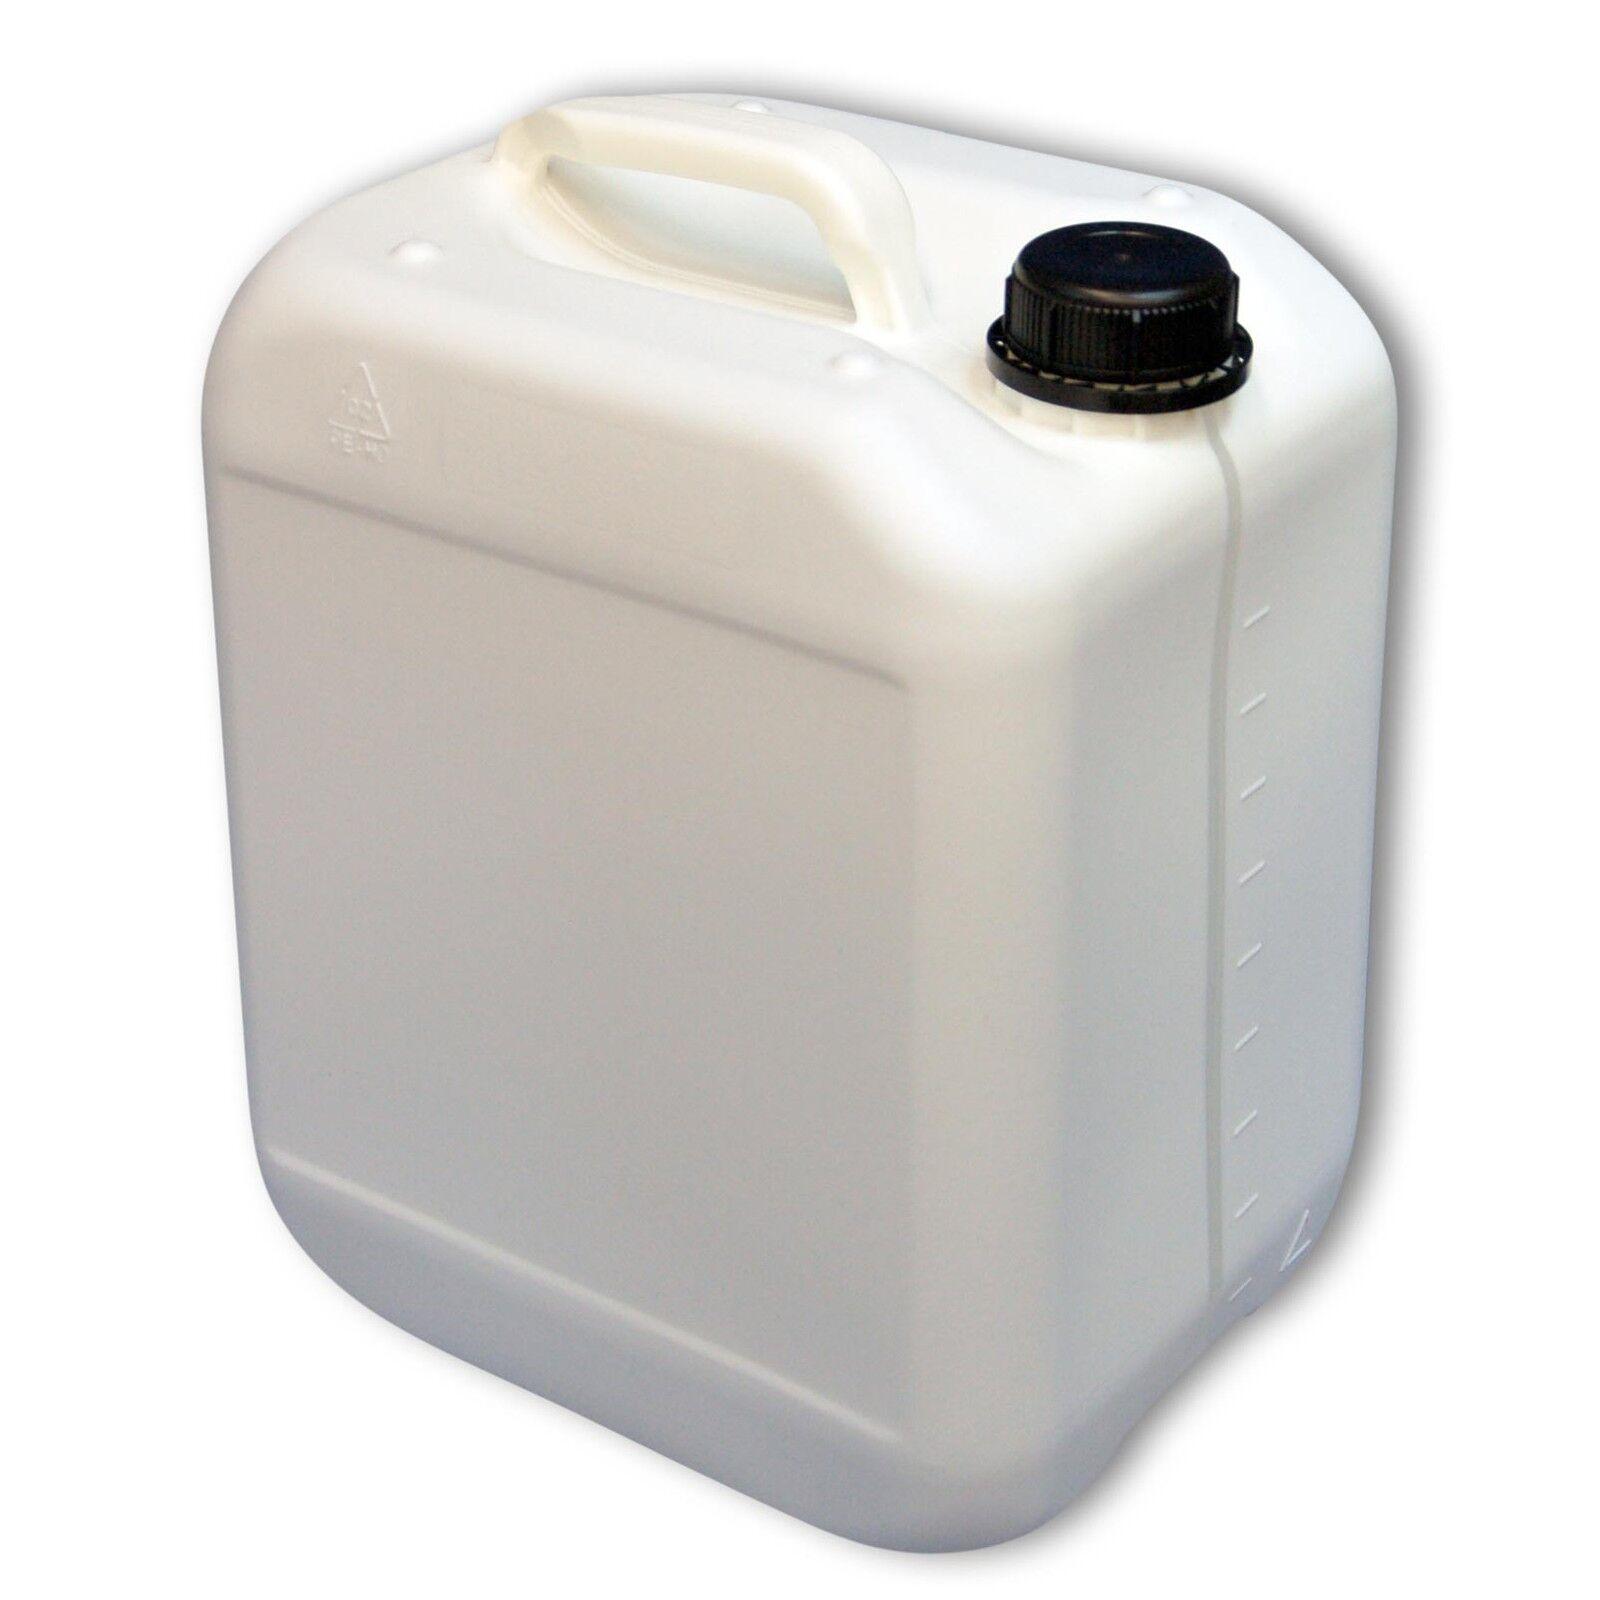 Bidon plastique 10 L, DIN45 Blanc Blanc Blanc gradué, HDPE fabriqué en Allemagne (22116) 162c51